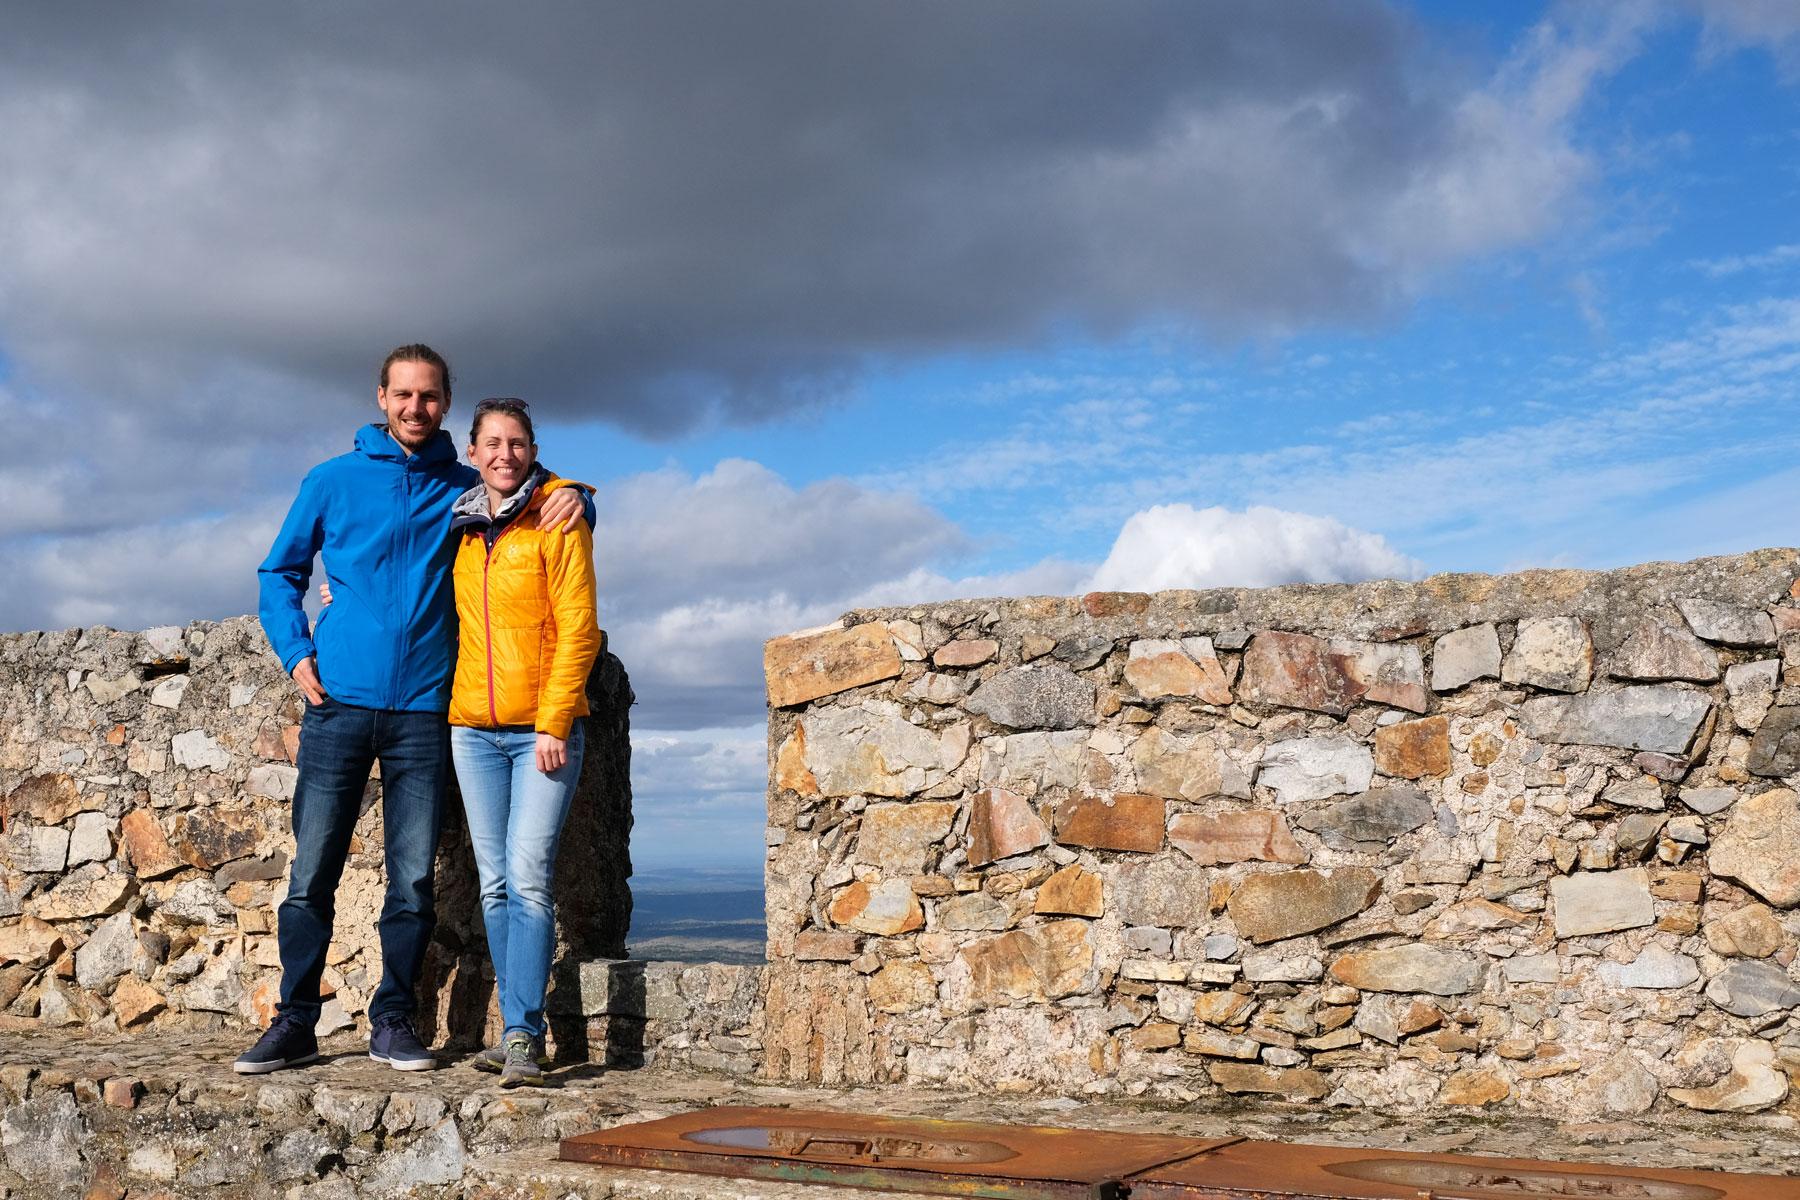 Leo und Sebastian auf der Burg Marvao in Portugal.